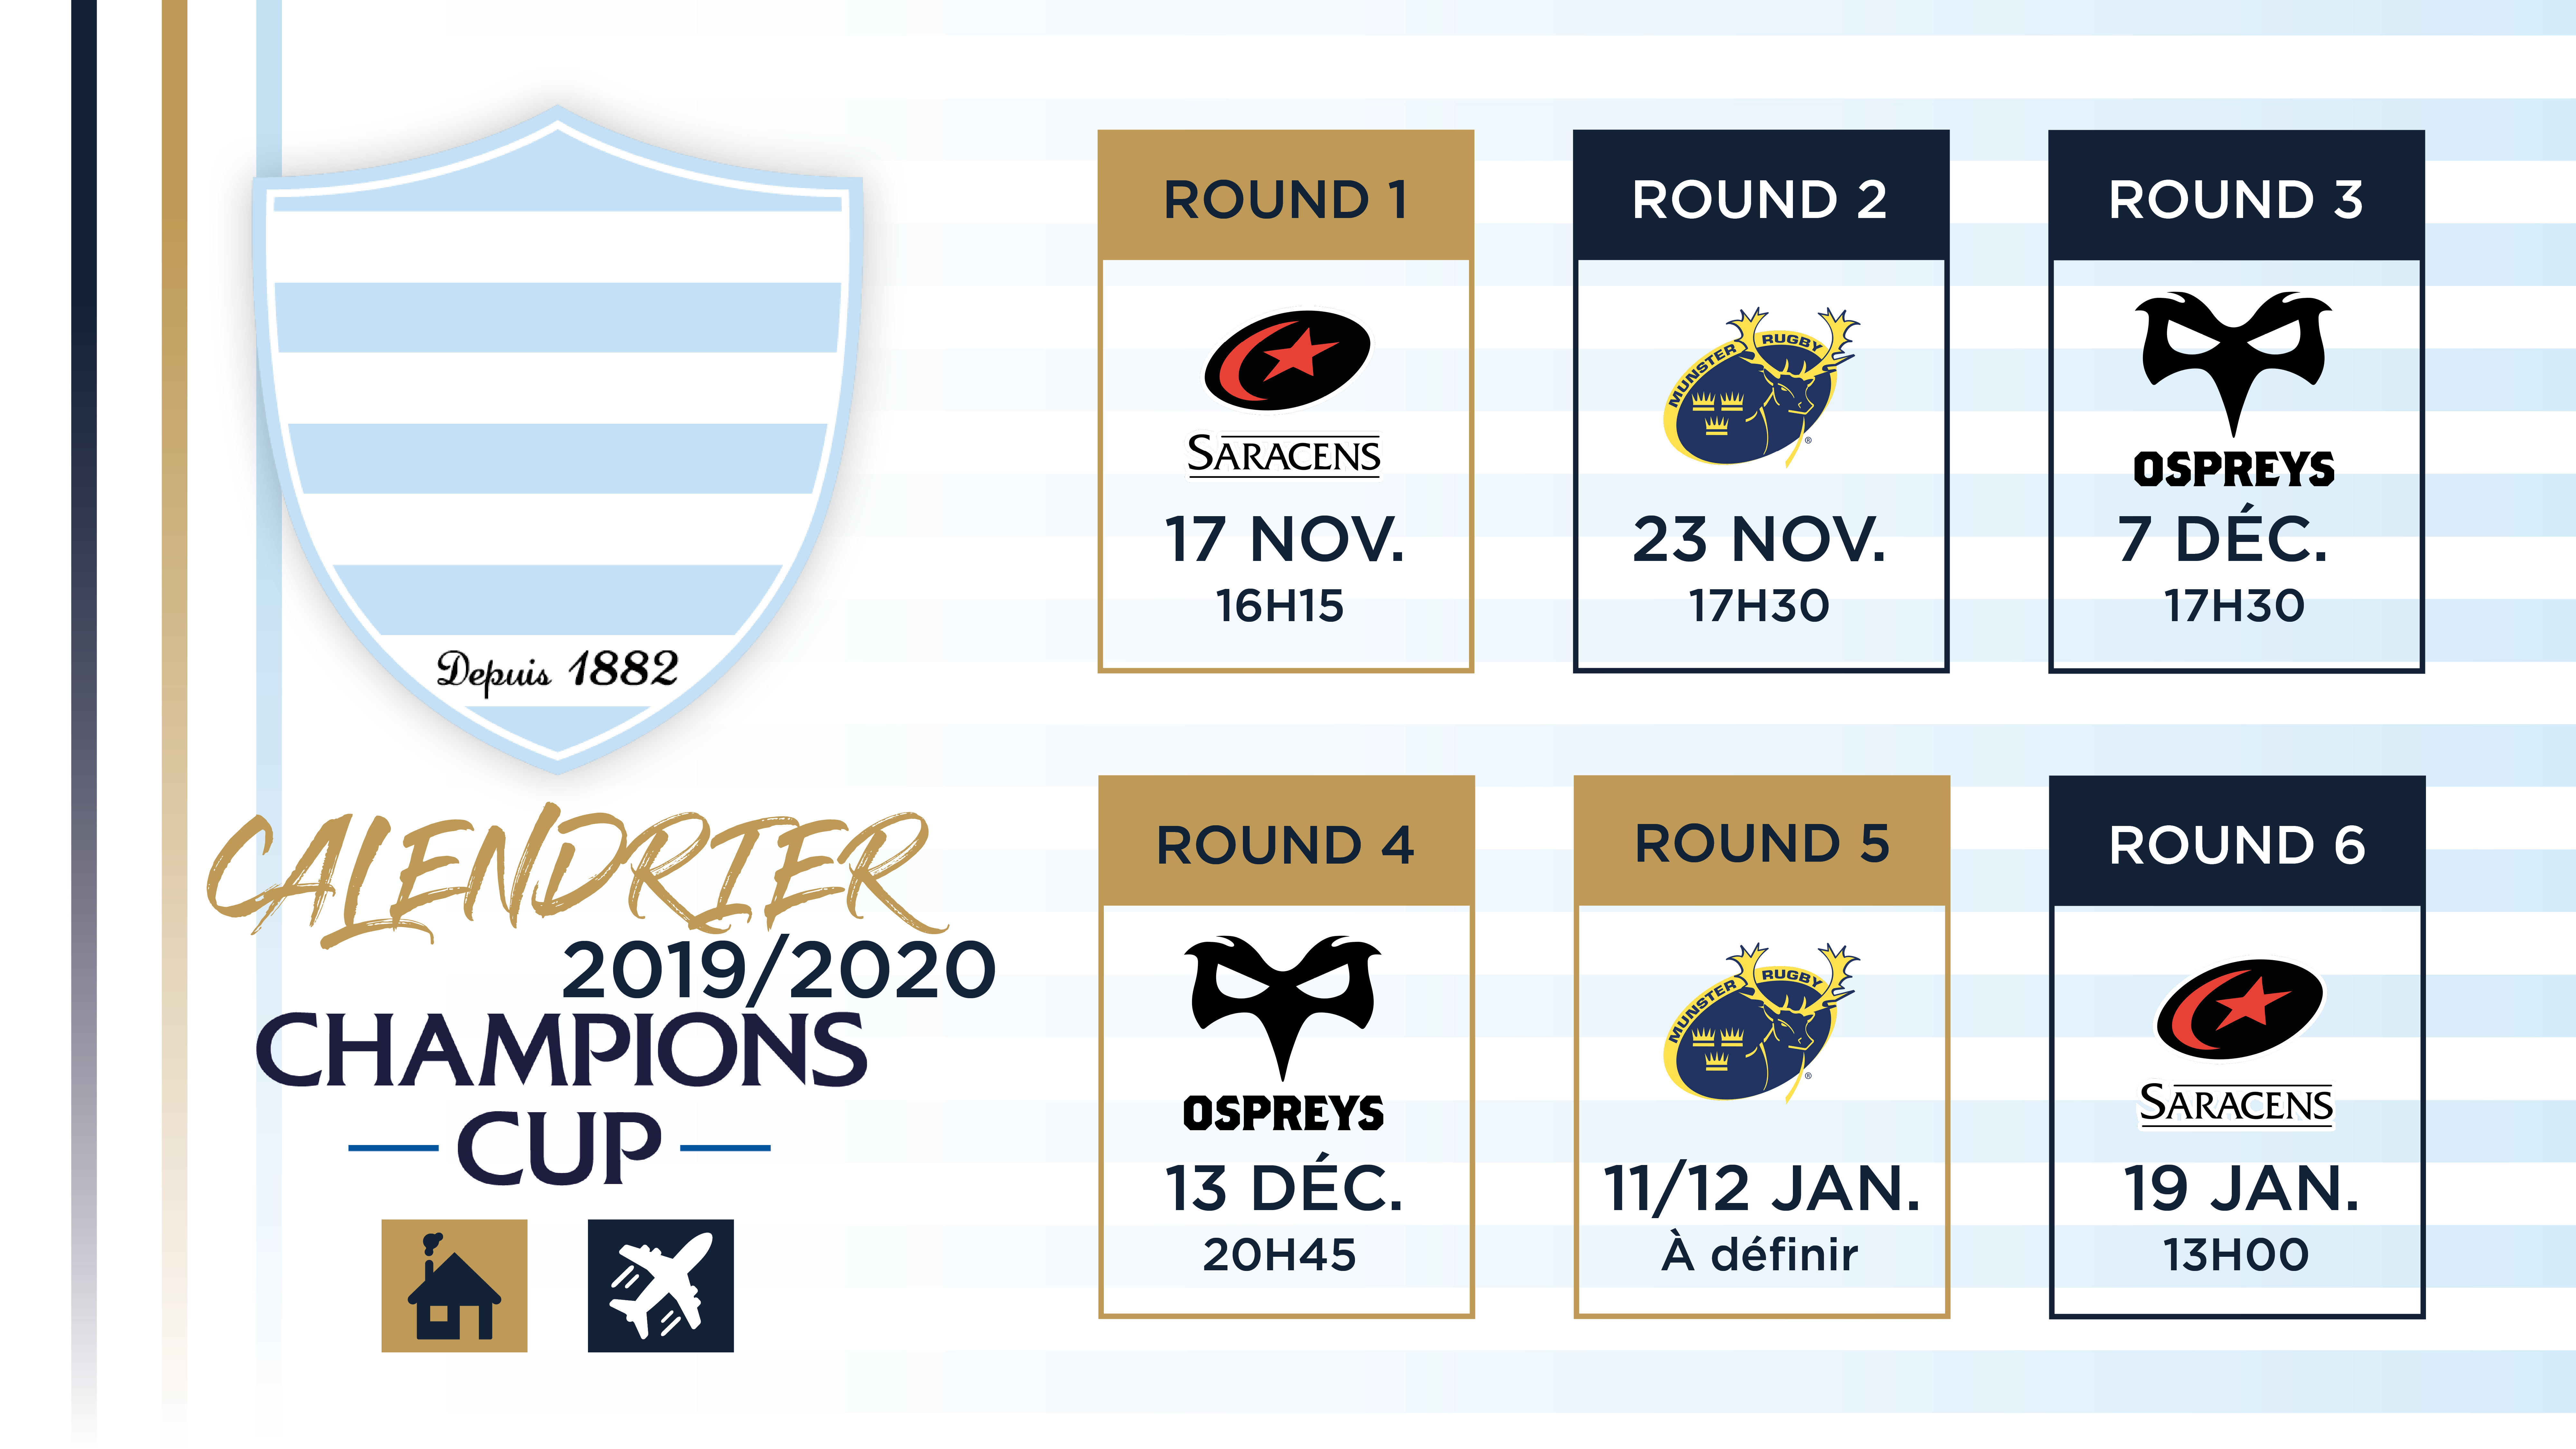 Calendrier Coupe D Europe Rugby 2020.Decouvrez Le Calendrier De Champions Cup 2019 2020